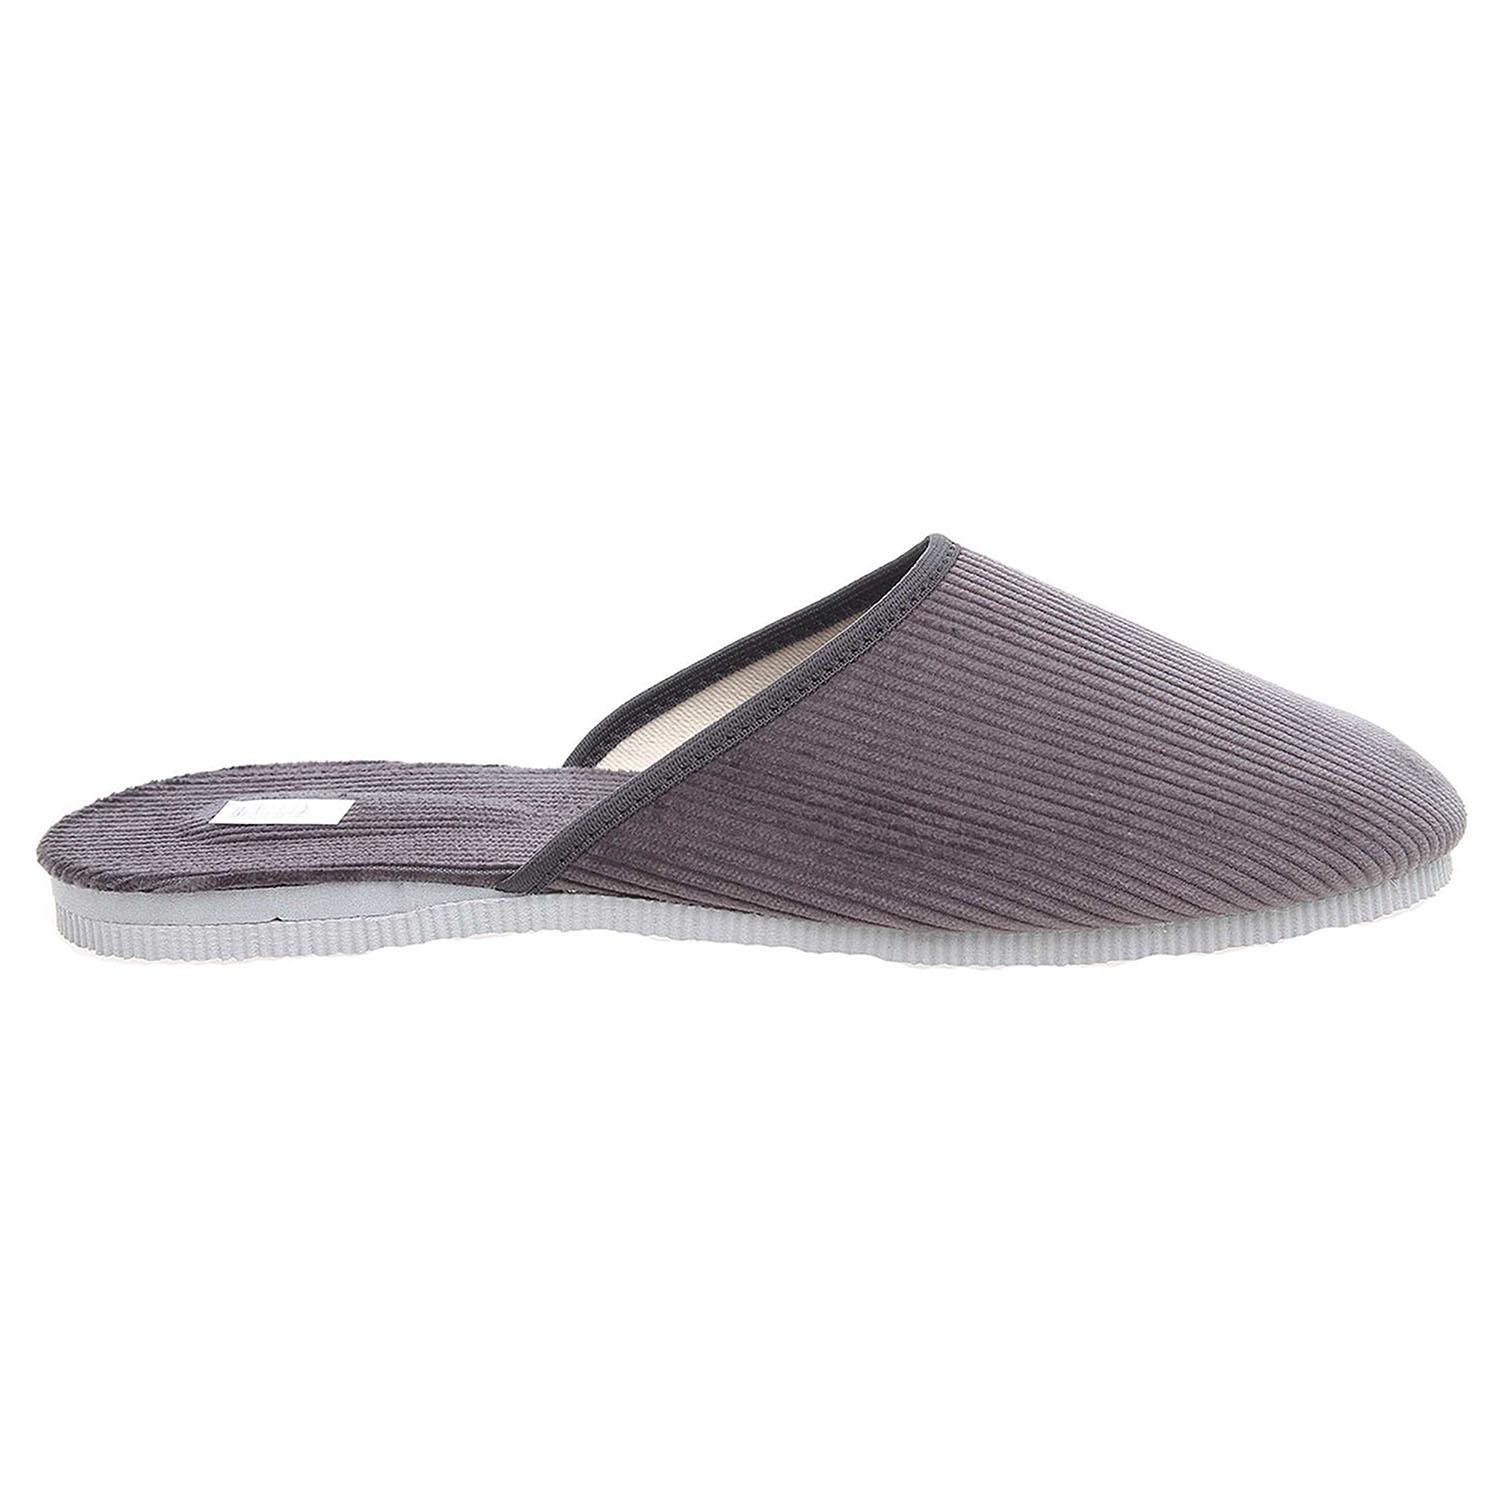 Pánské domácí pantofle 1009.00 šedé 41